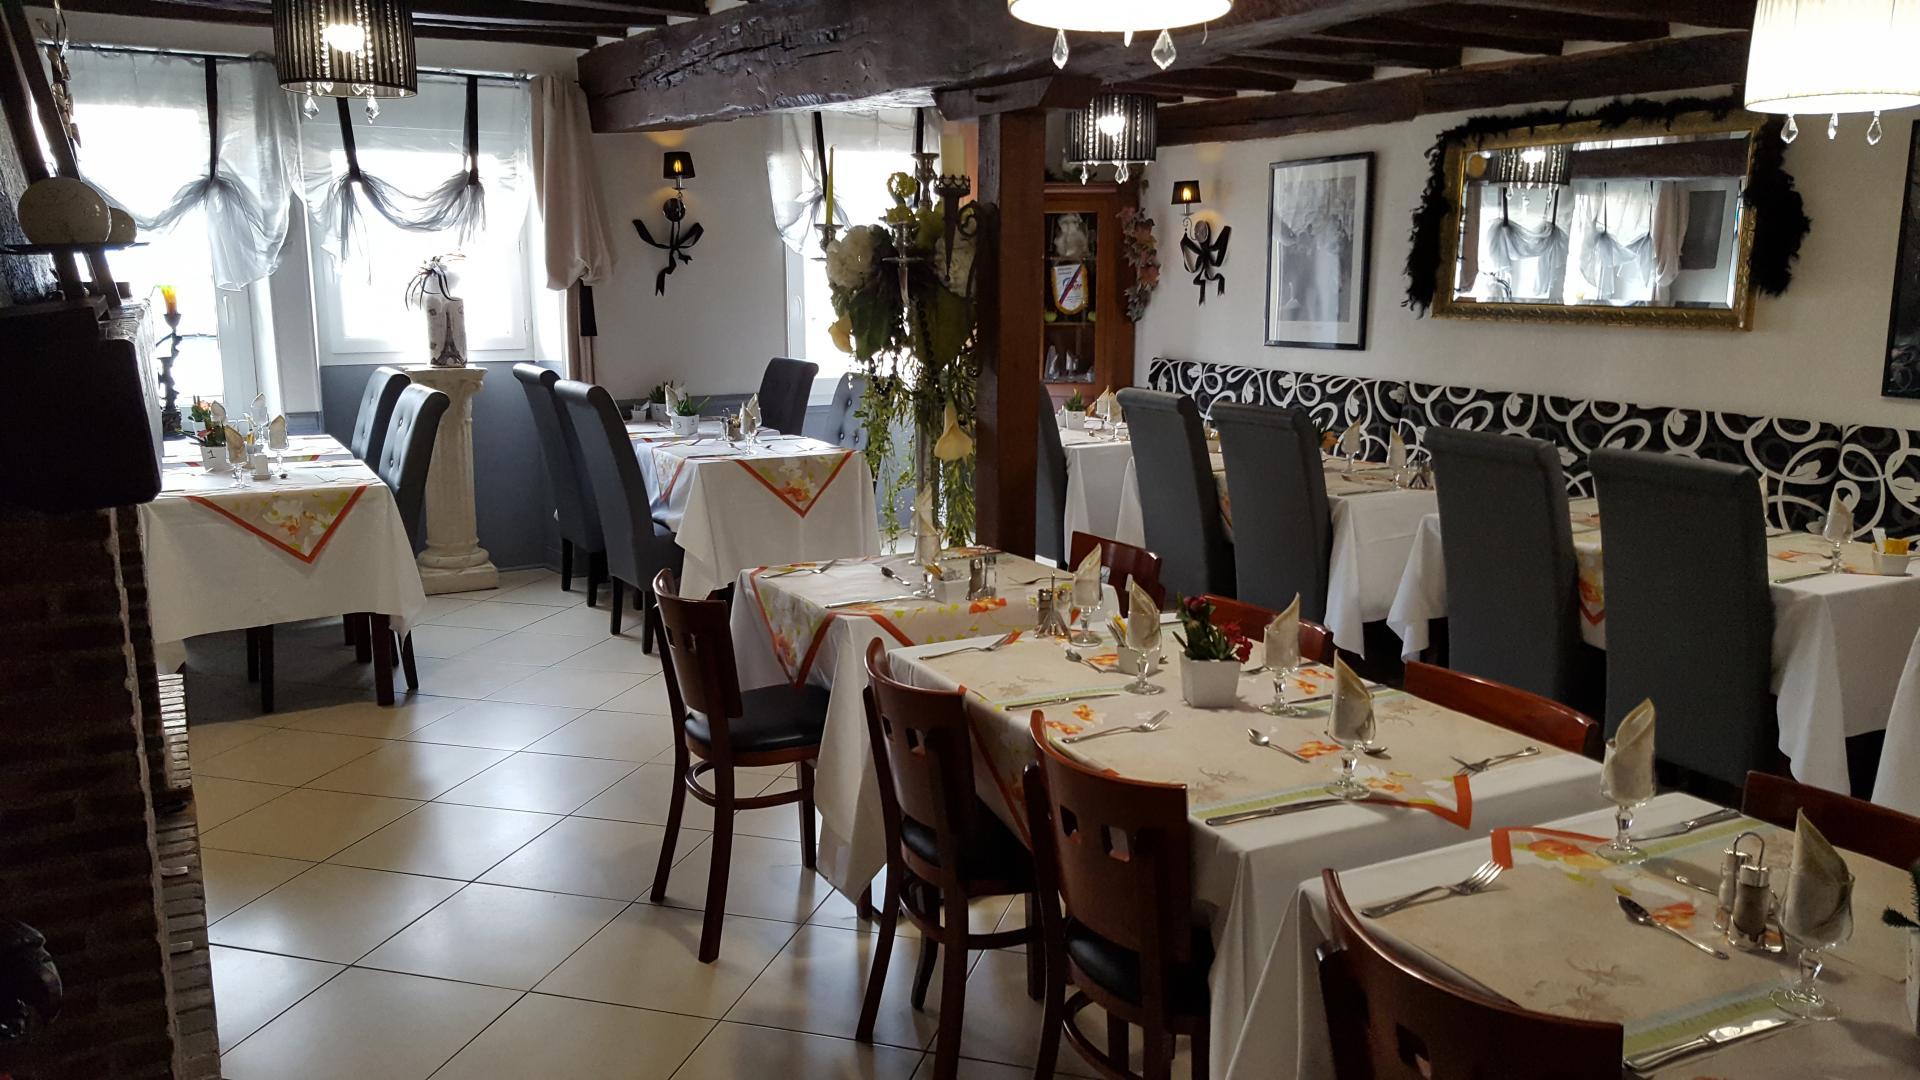 Enseigne Le Commerce restaurant